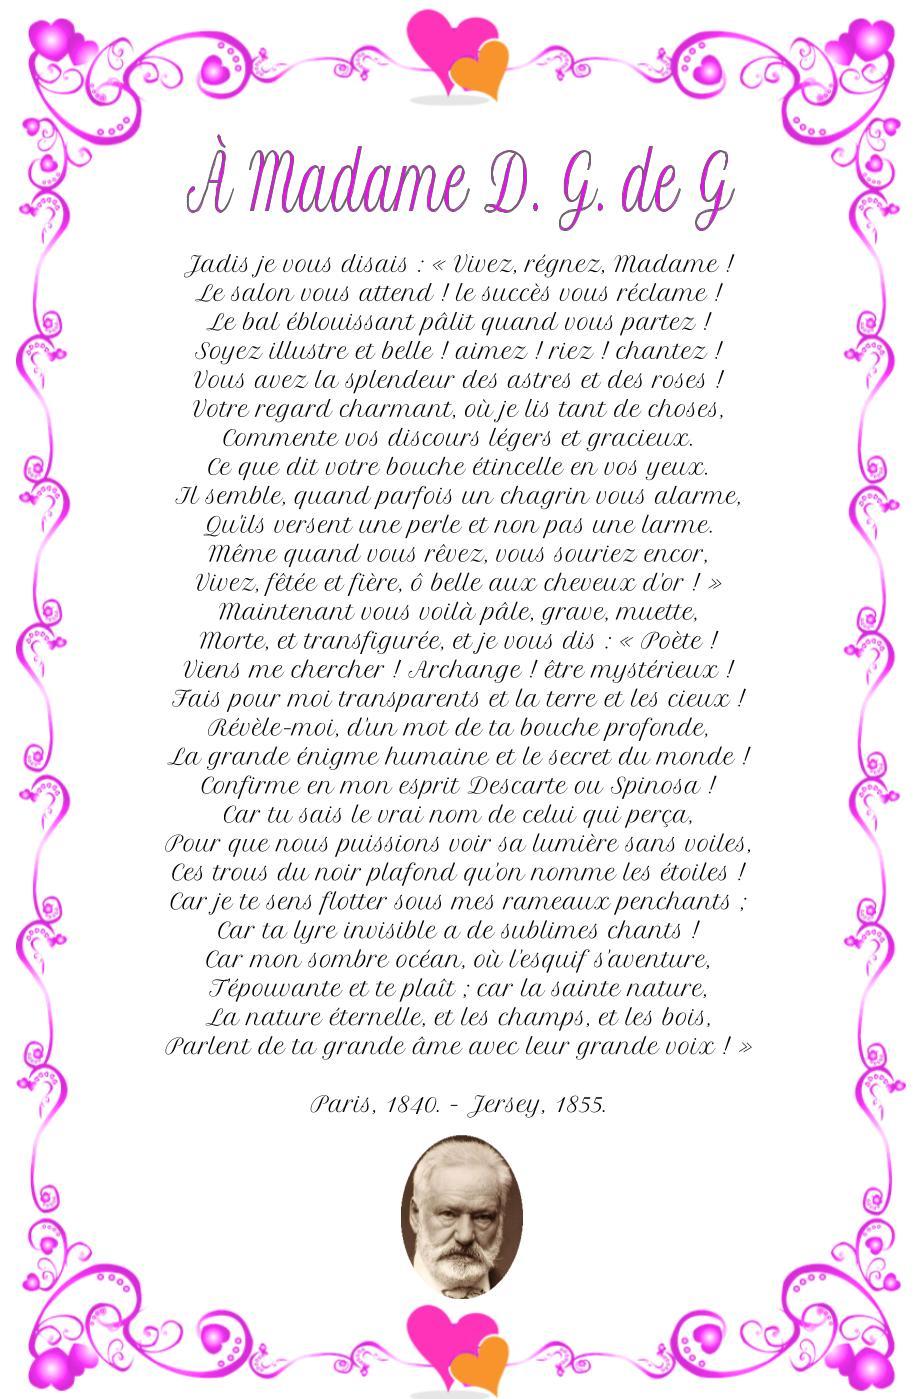 Poème À Madame D. G. de G